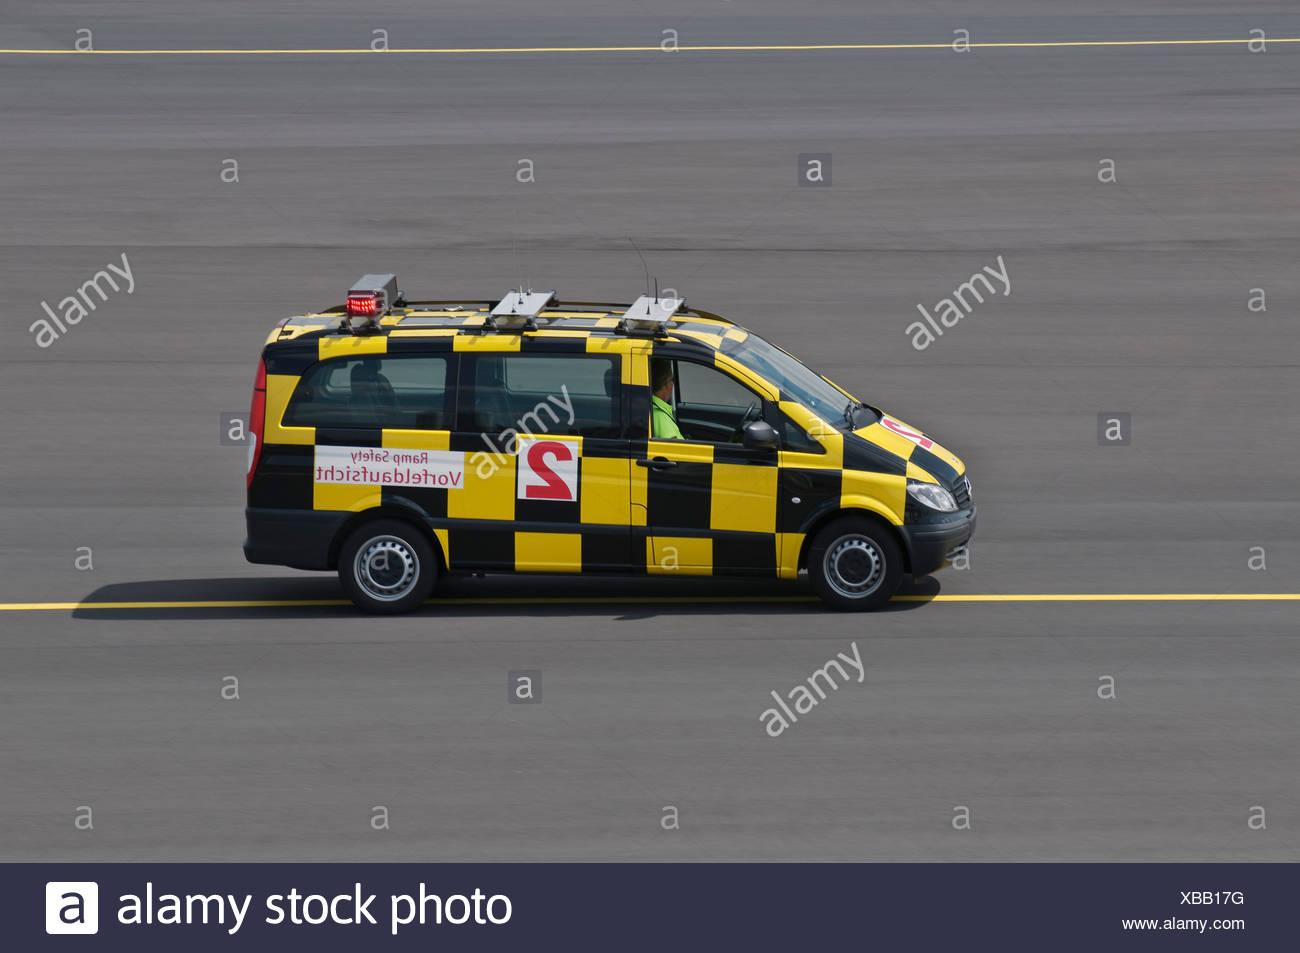 Veicolo delle autorità aeroportuali, Duesseldorf Aeroporto internazionale di Duesseldorf, nella Renania settentrionale-Vestfalia, Germania, Europa Immagini Stock